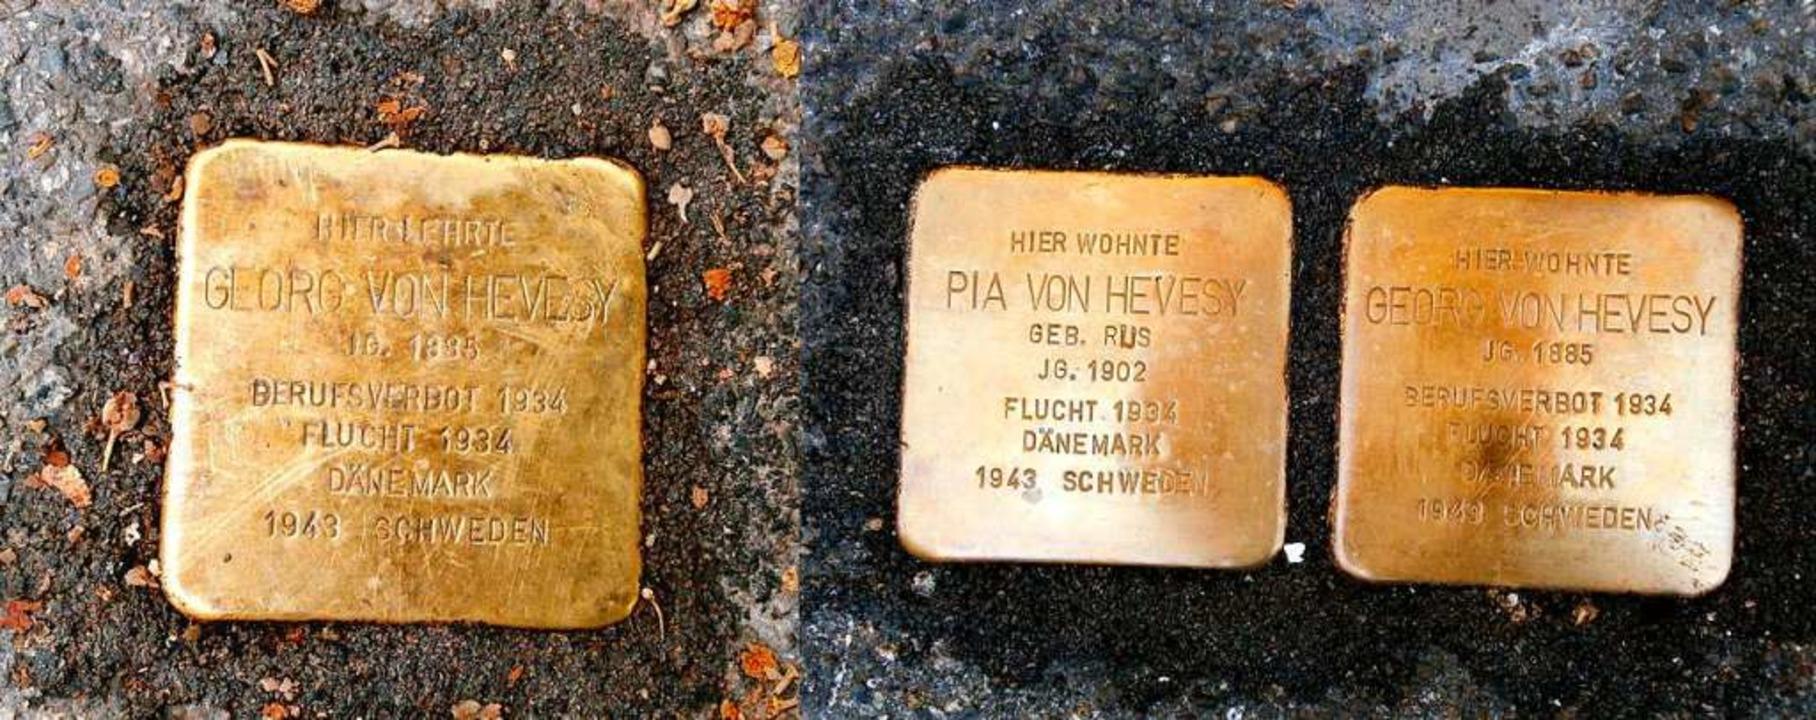 Stolperstein für Pia und Georg von Hevesy  | Foto: Wikipedia